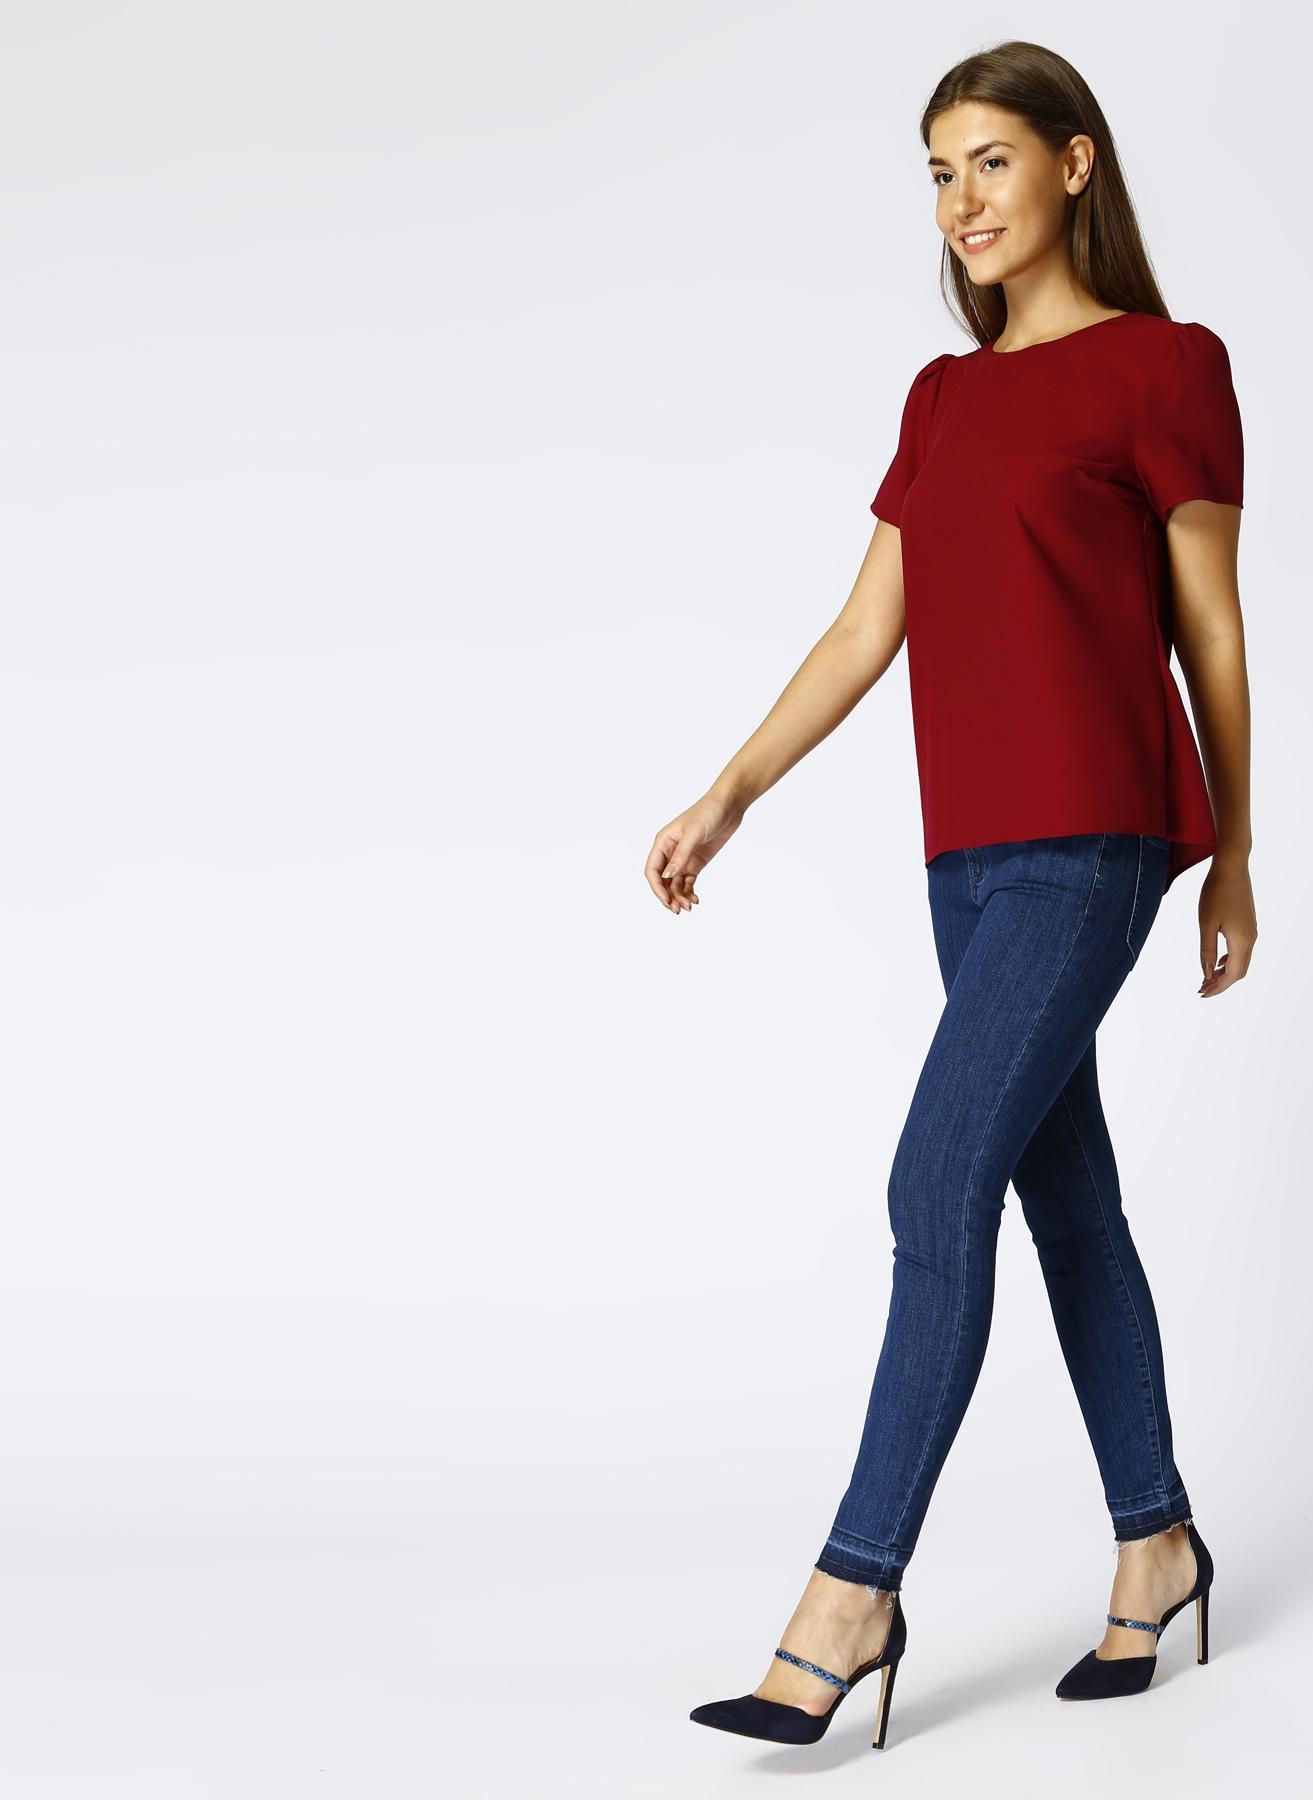 Beymen Club Paça Detaylı Mavi Denim Pantolon 28-32 5000389203001 Ürün Resmi